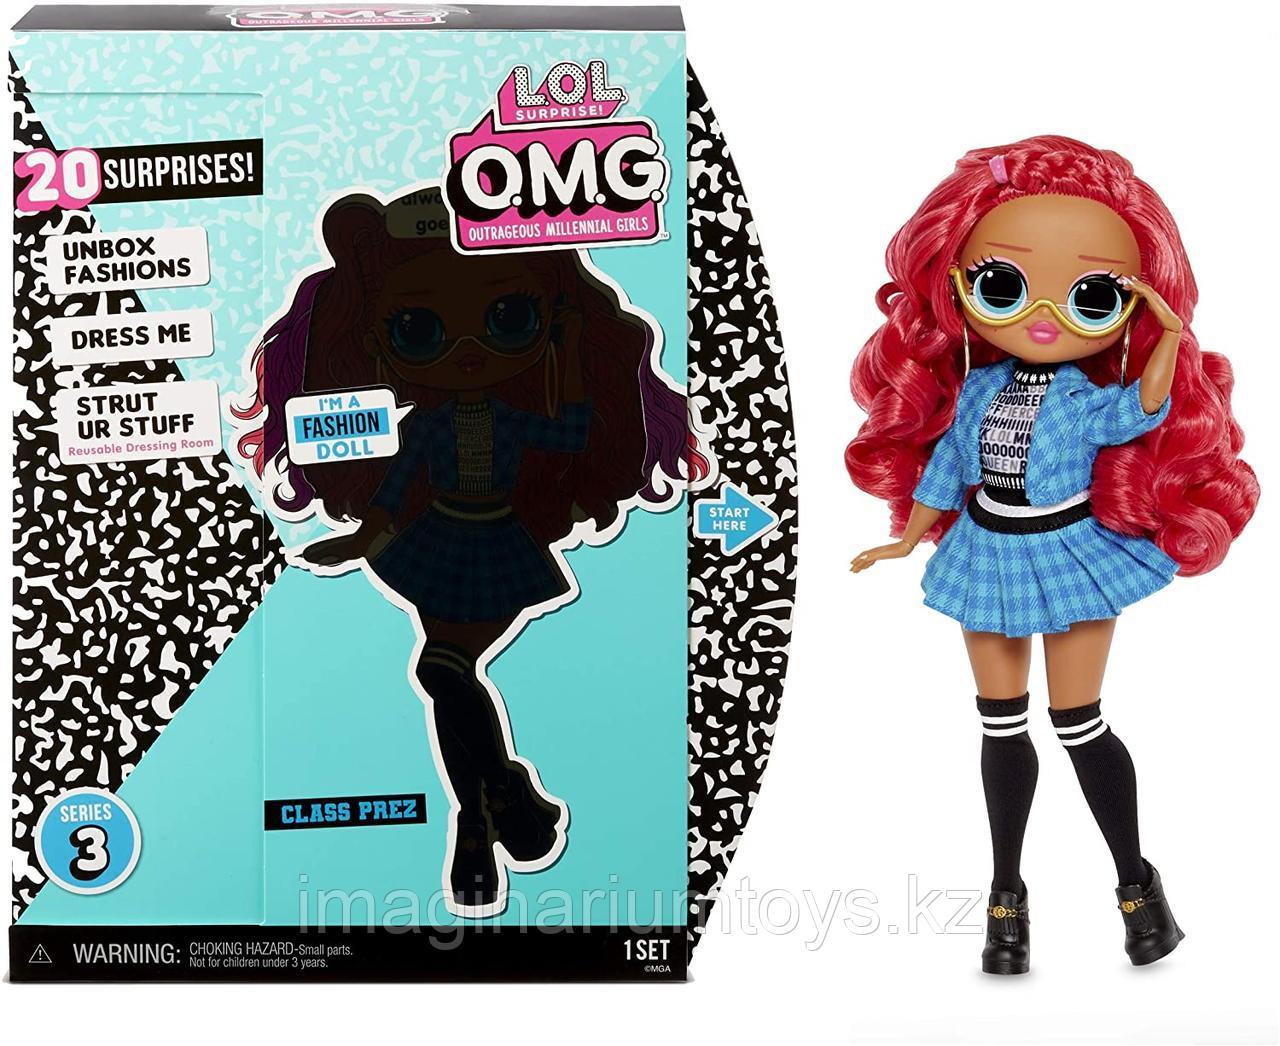 Большая кукла LOL Surprise OMG 3 серия Class Prez - фото 1